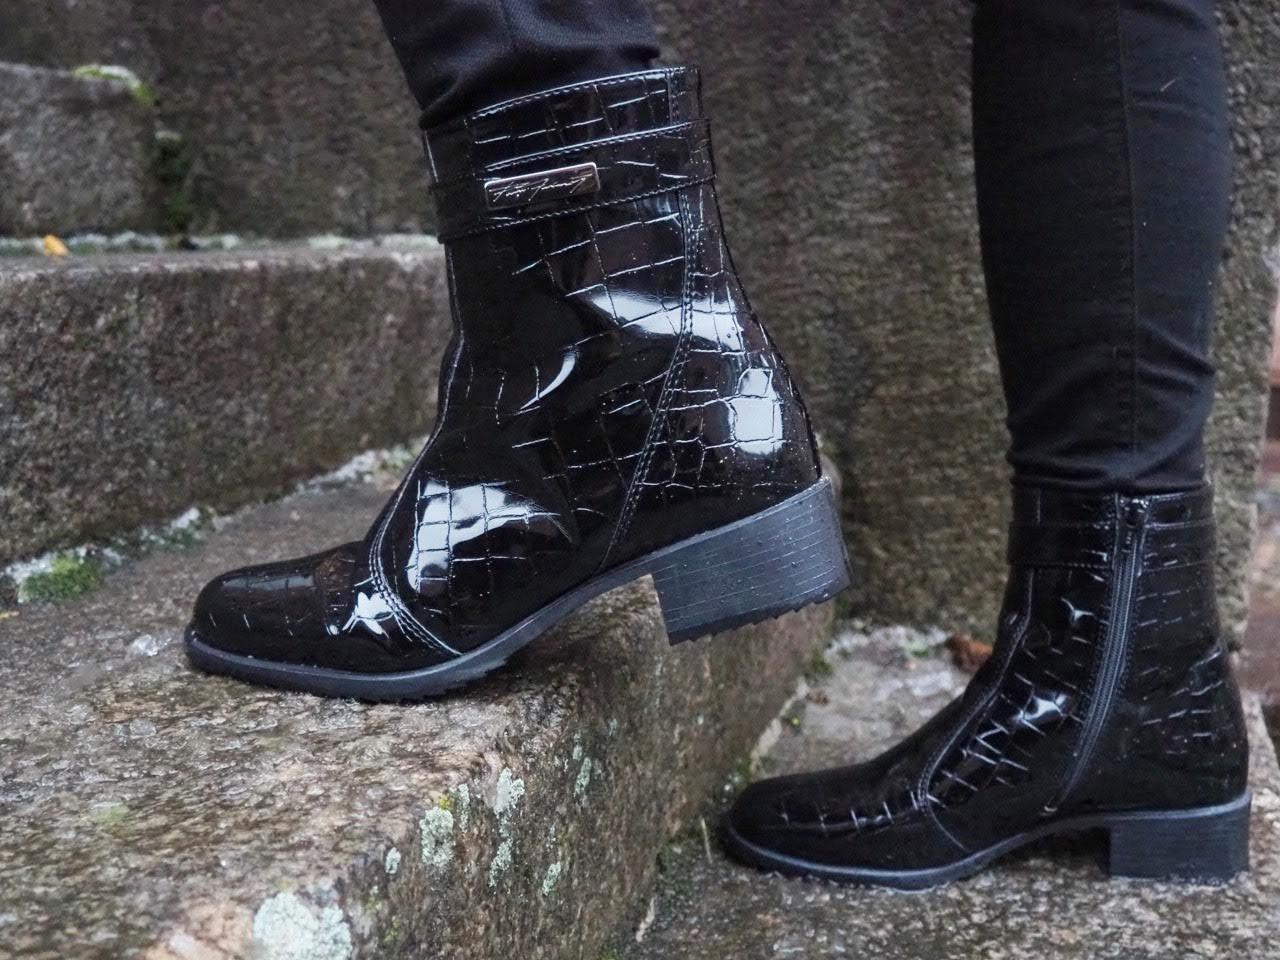 eettiset kengat